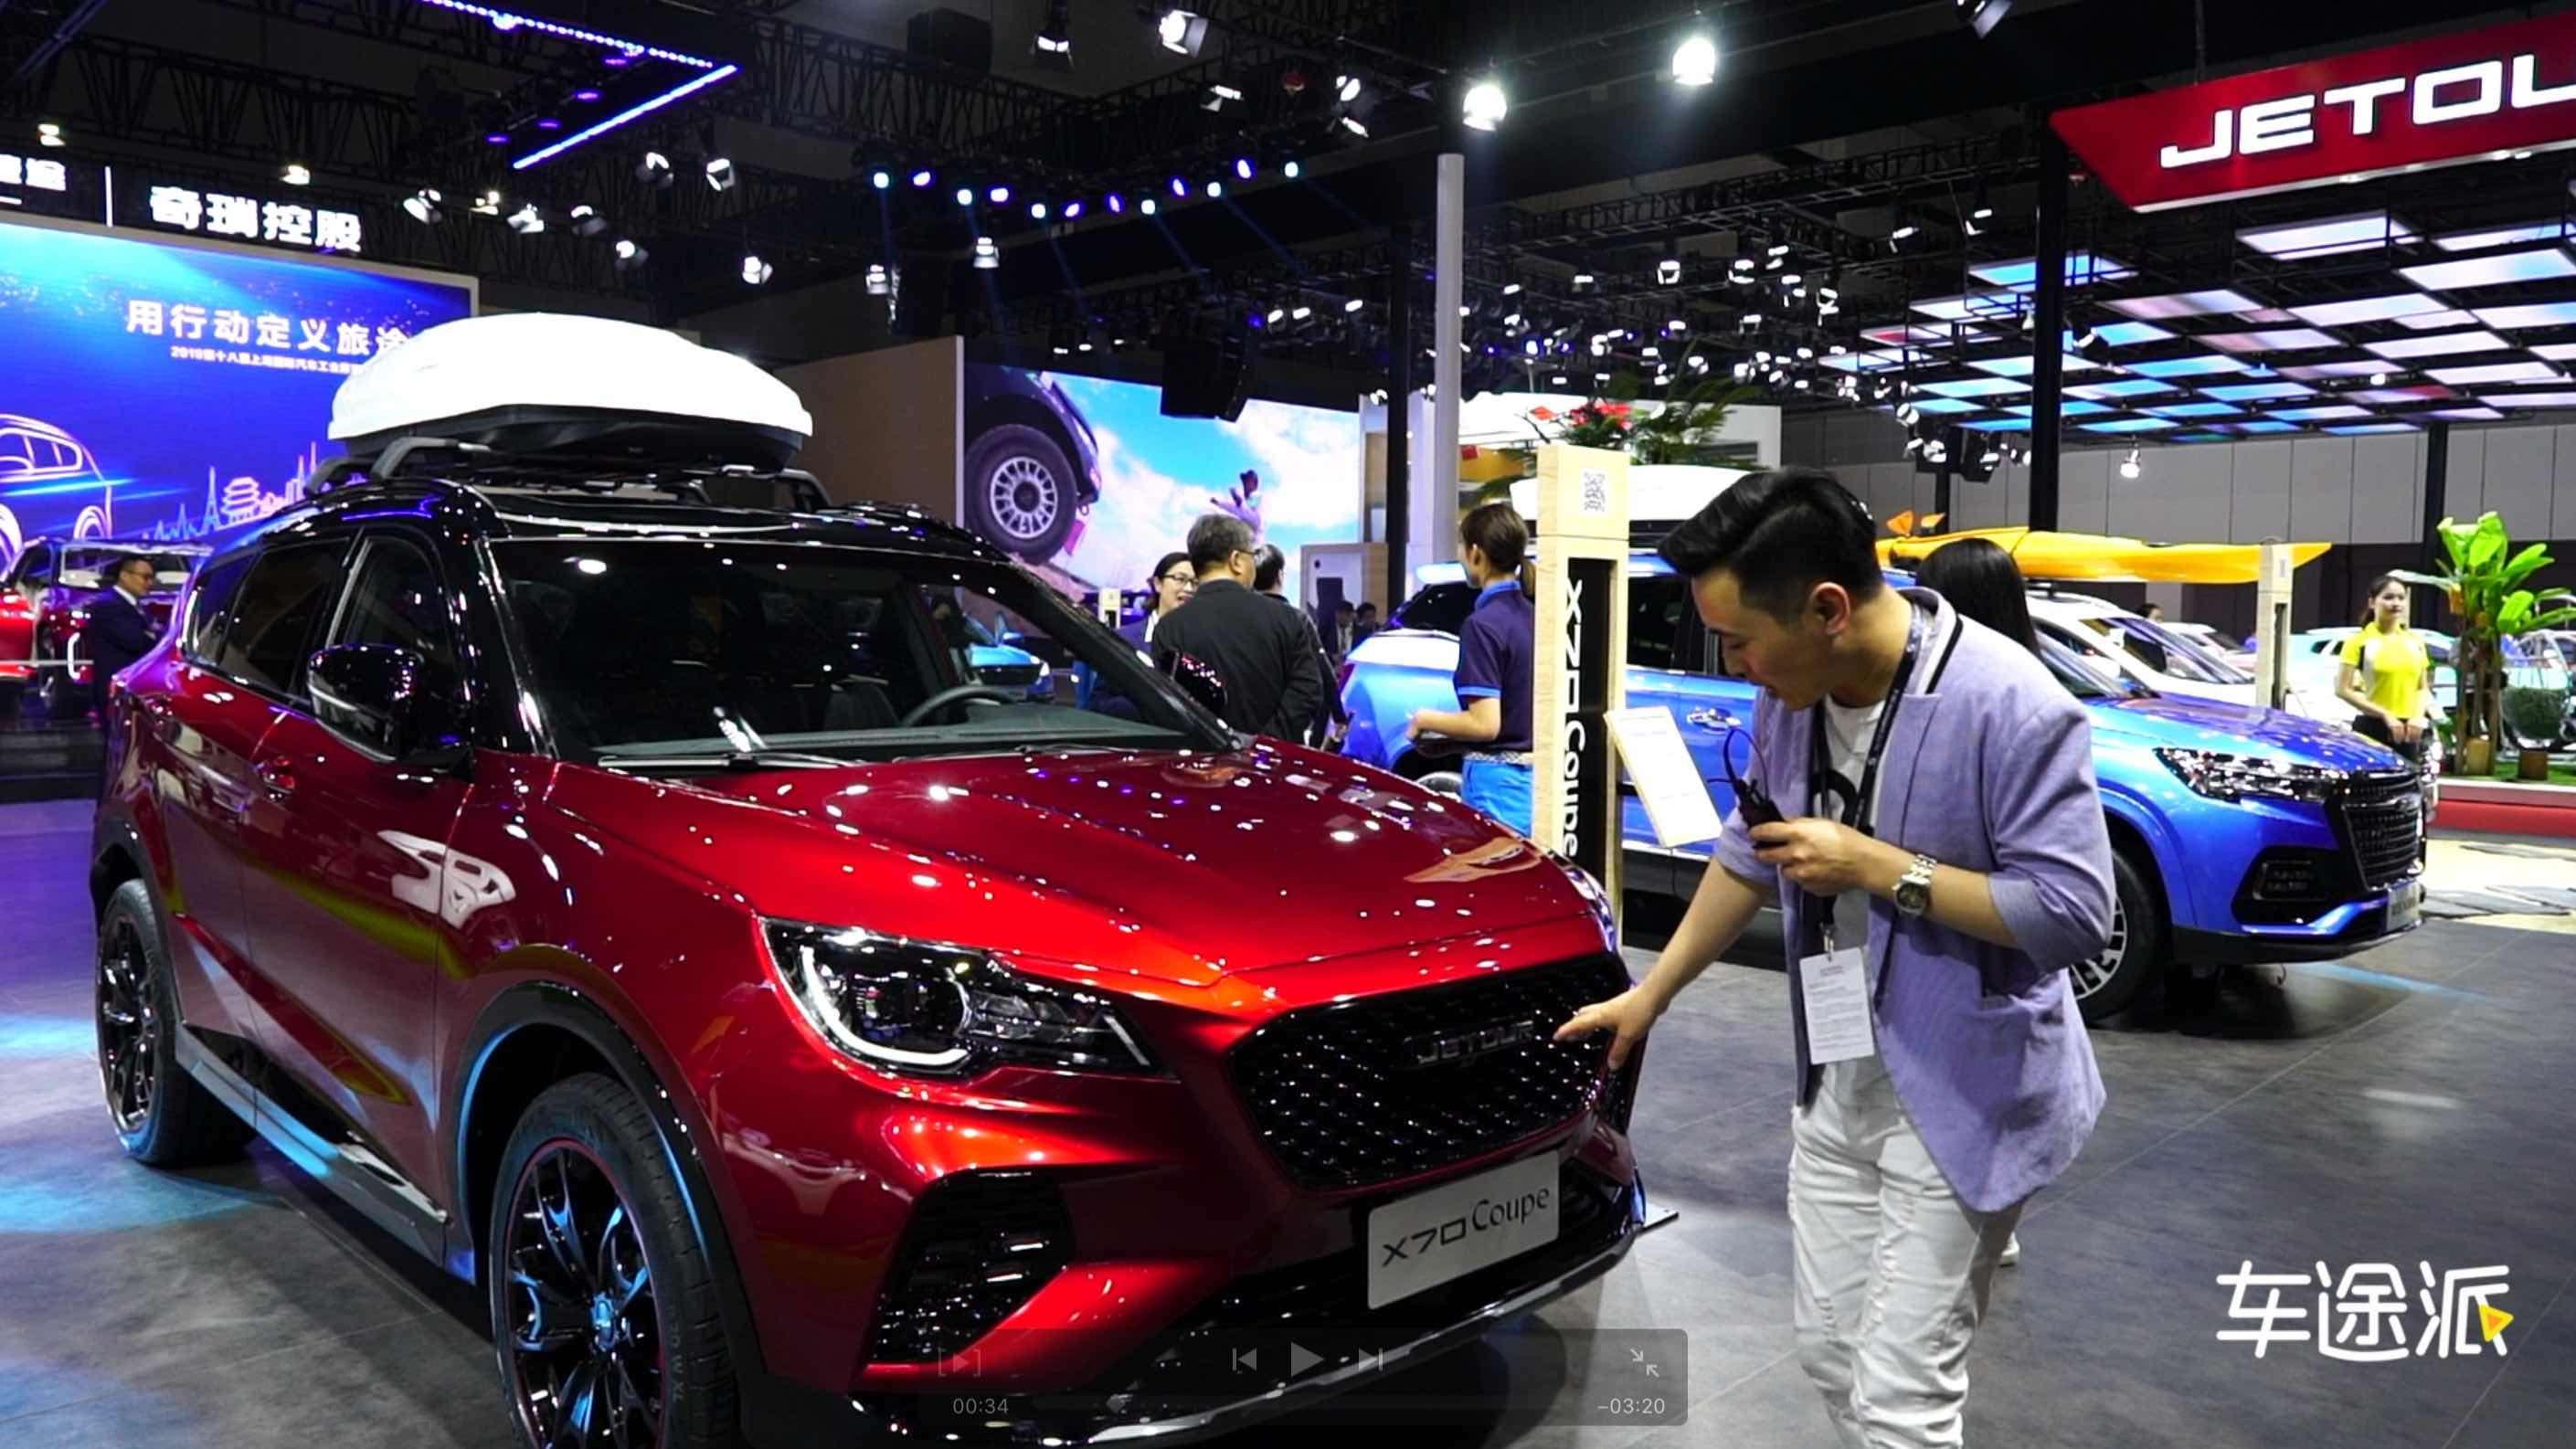 捷途X70COUPE上海车展亮相,都有哪些亮点?